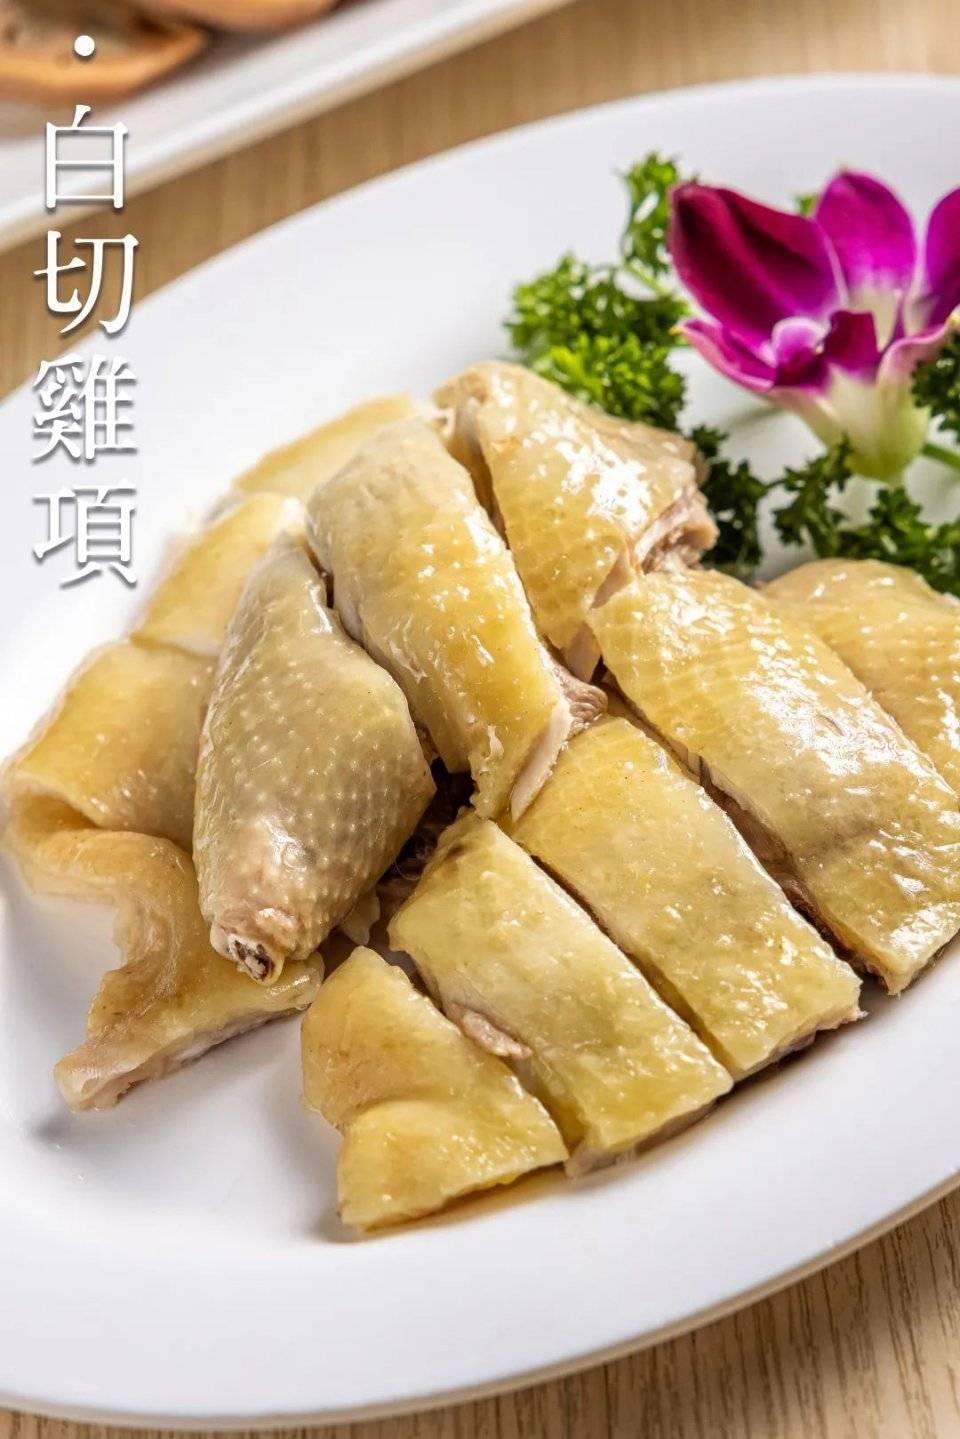 天河老广饭堂,白切鸡、烤生蚝、鹅掌煲..